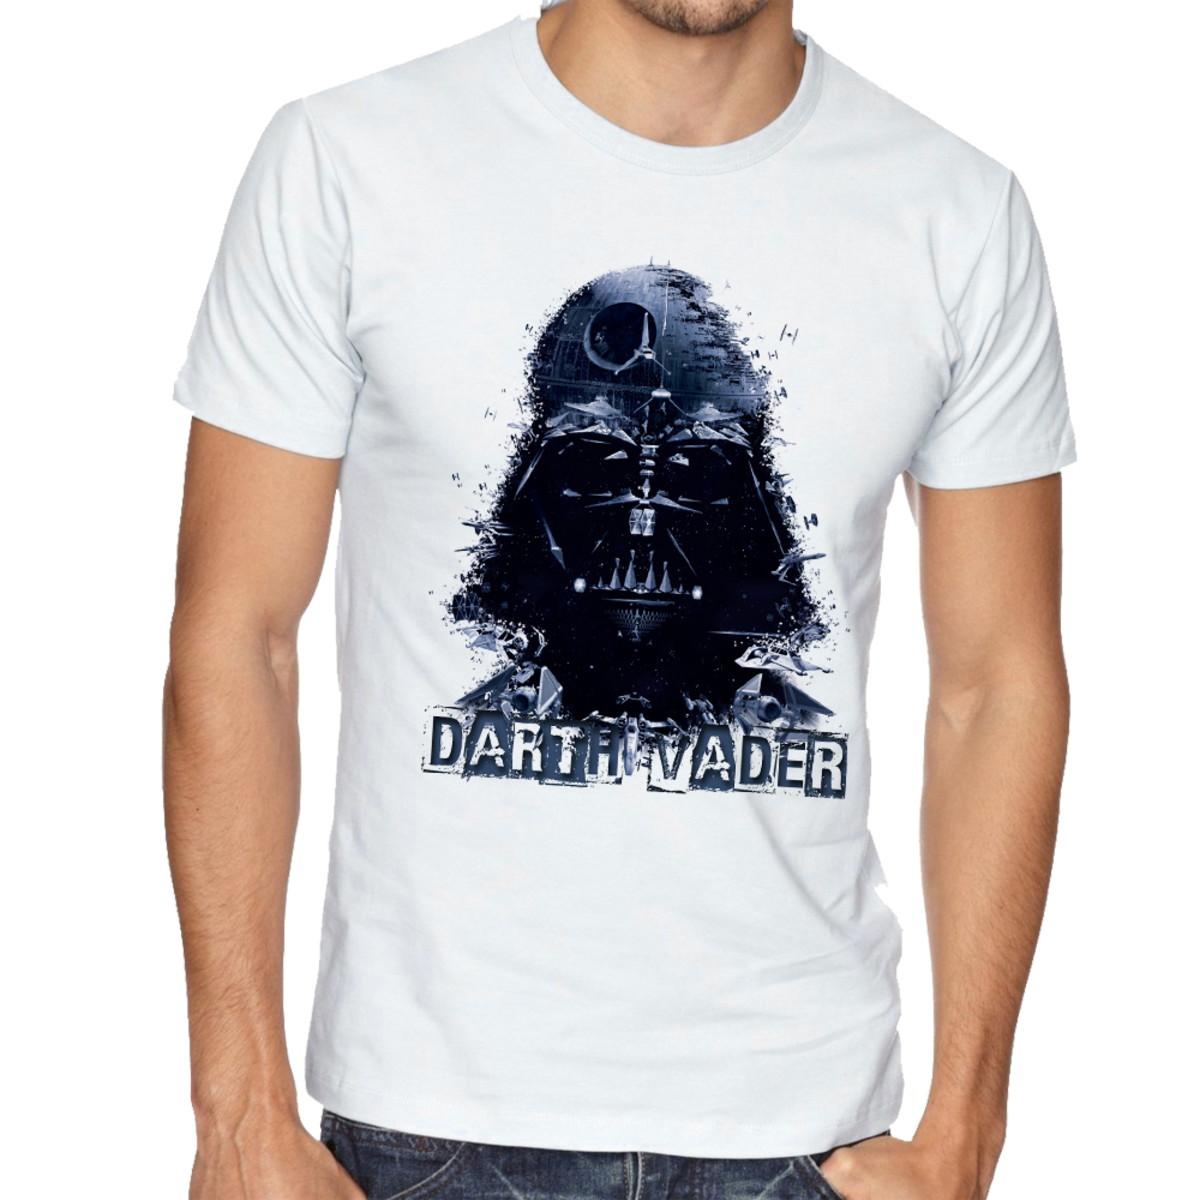 31cbb6a2c Camiseta Infantil Blusa Criança Darth Vader Star Wars no Elo7 ...